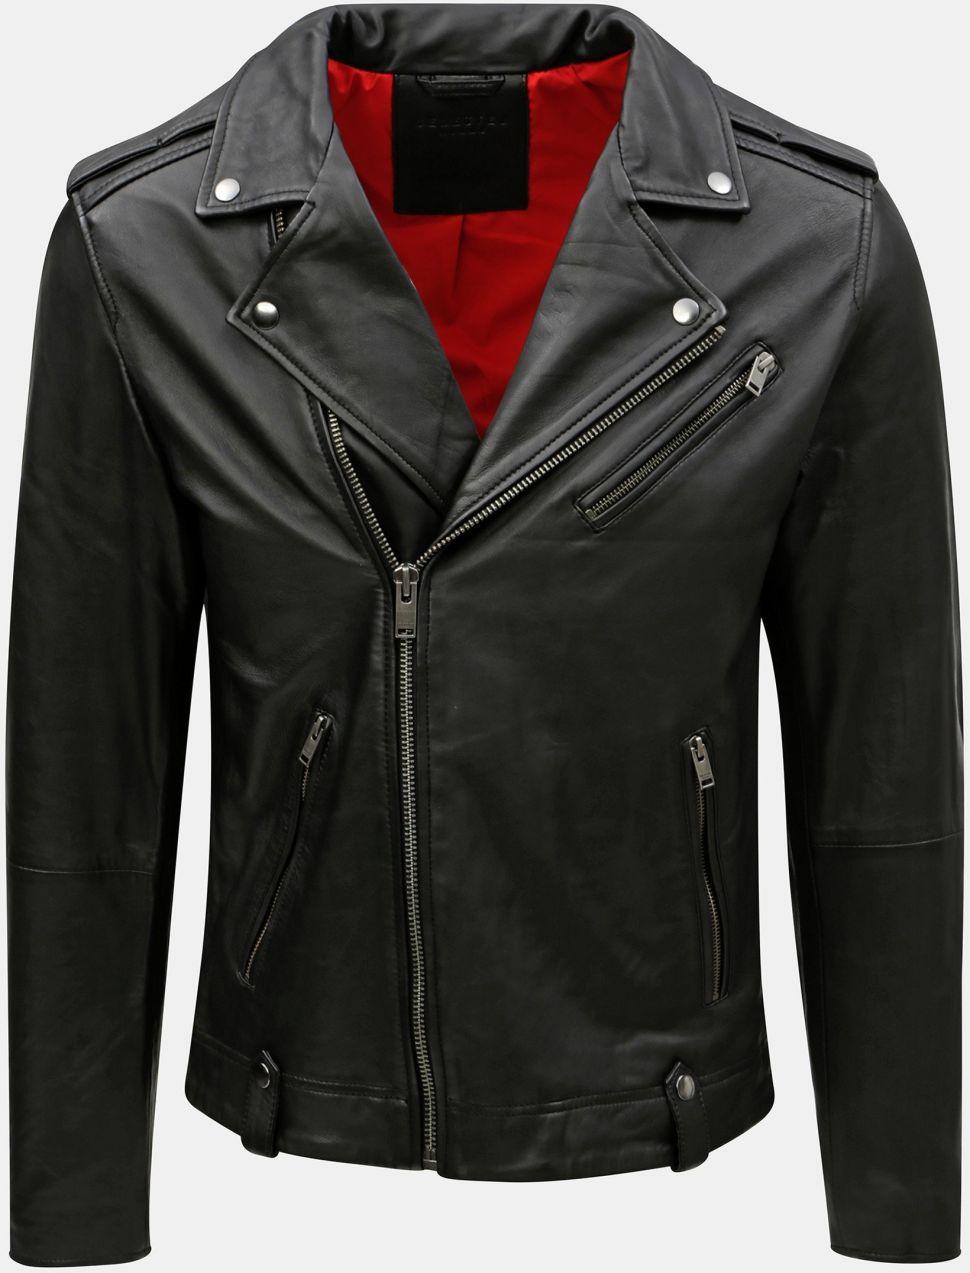 d795494c1b7a Čierna kožená bunda Selected Homme značky Selected Homme - Lovely.sk